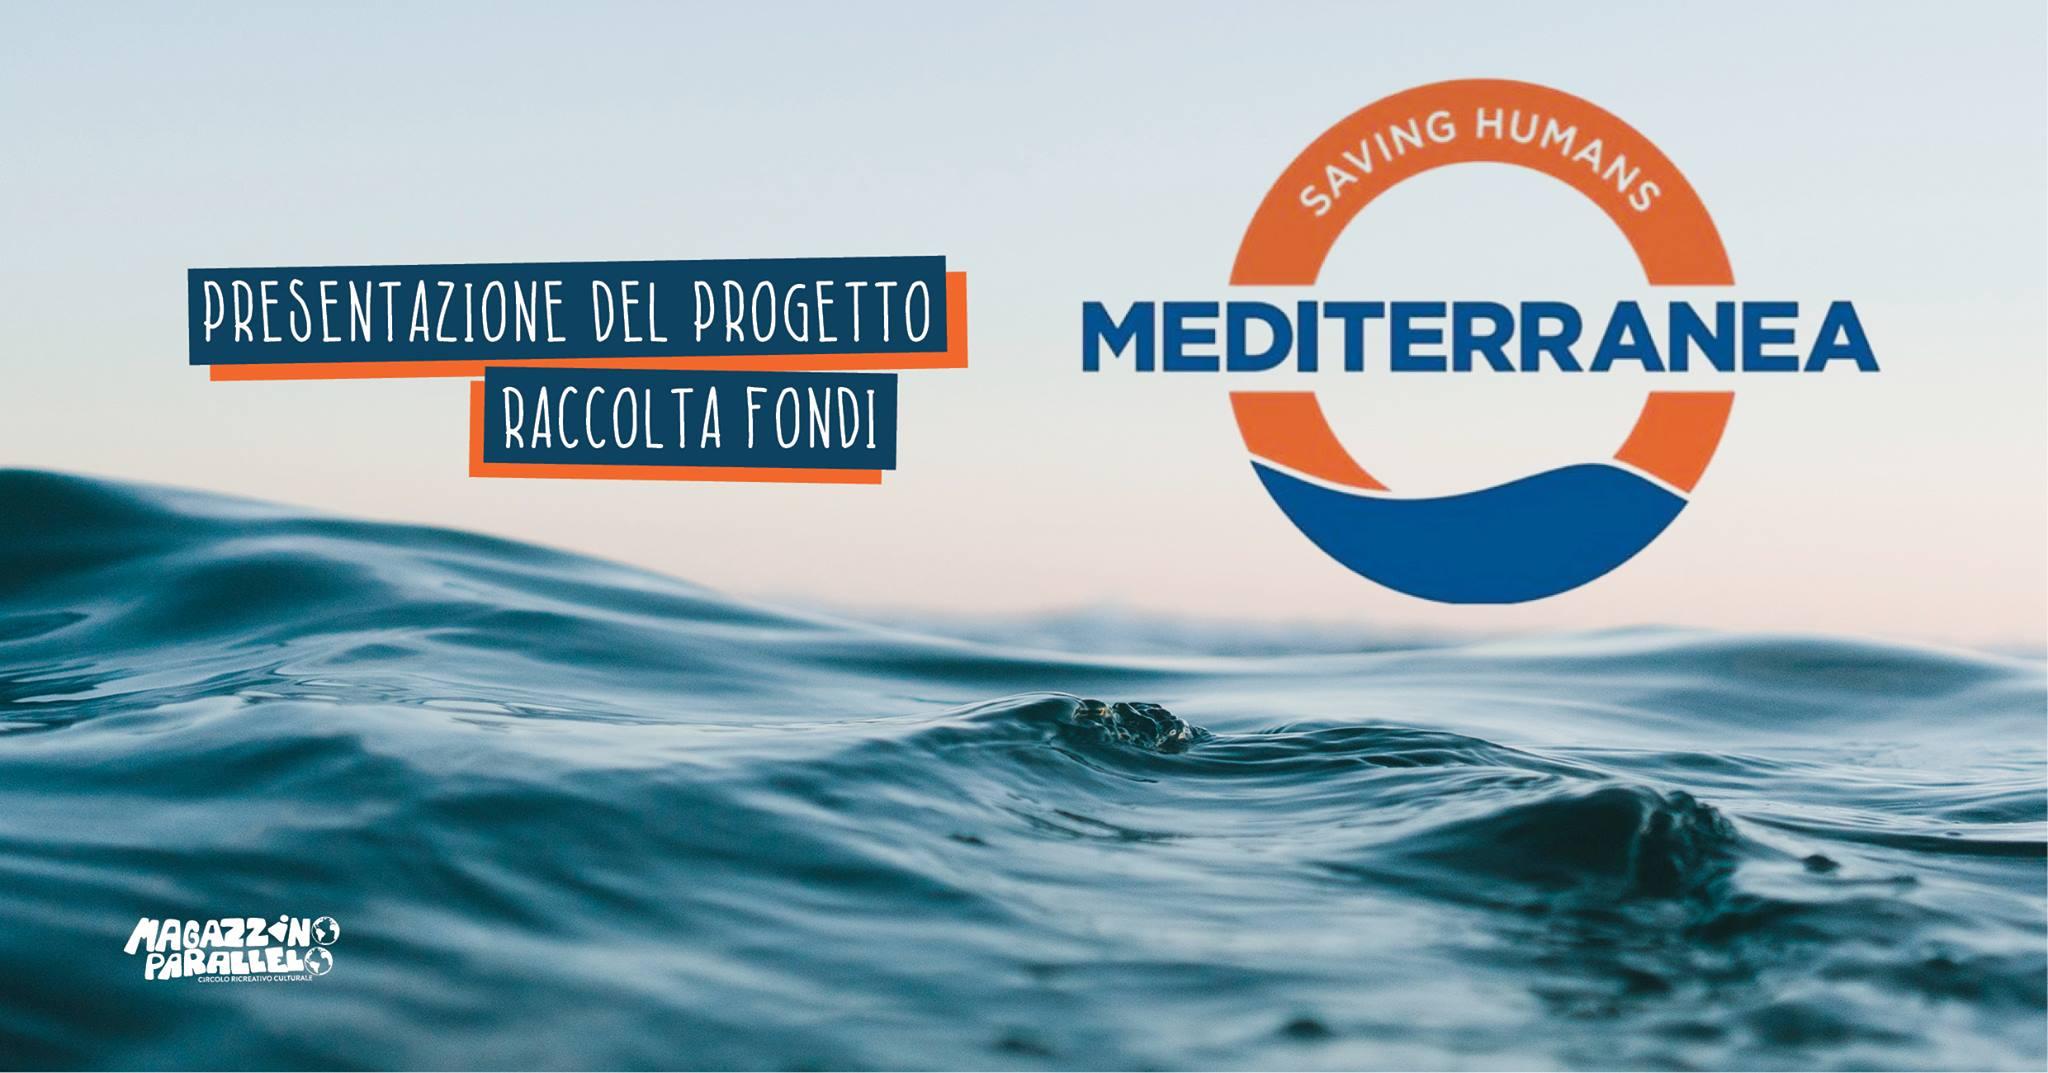 Mediterranea - Saving Humans approda al Magazzino Parallelo